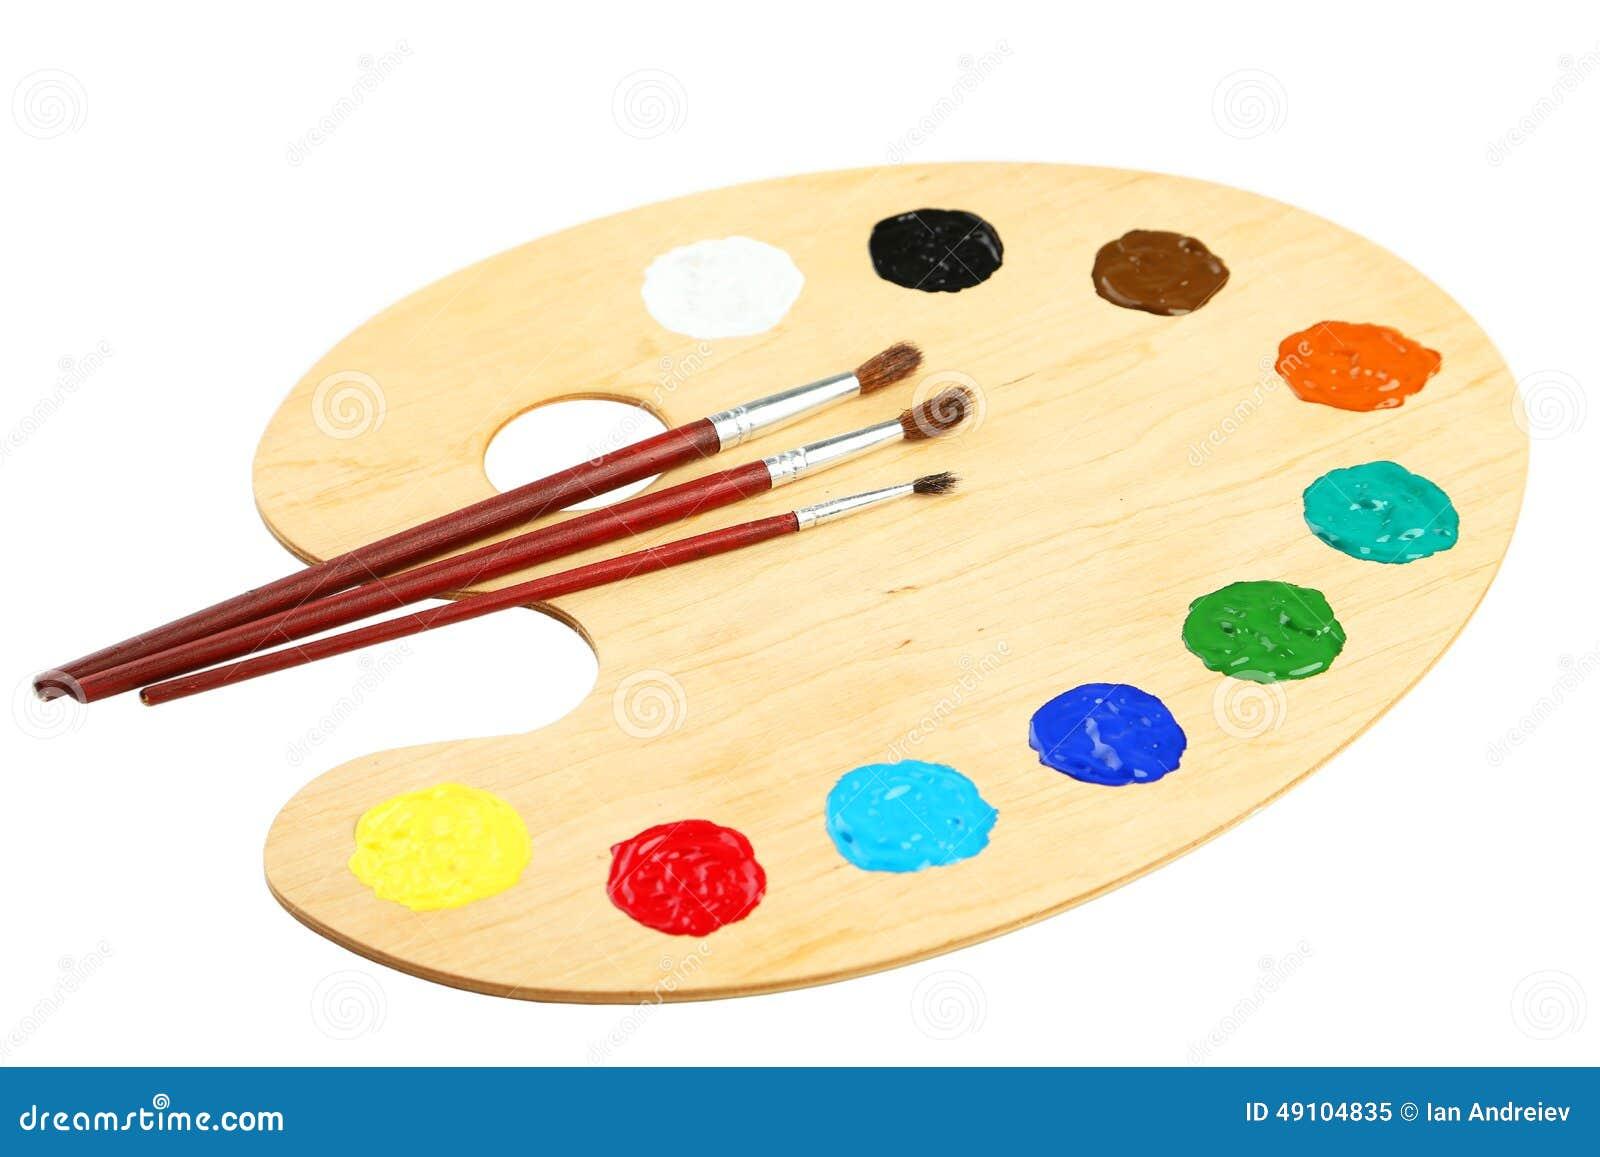 Peinture pour palette en bois boulogne billancourt design - Peinture pour palette en bois ...